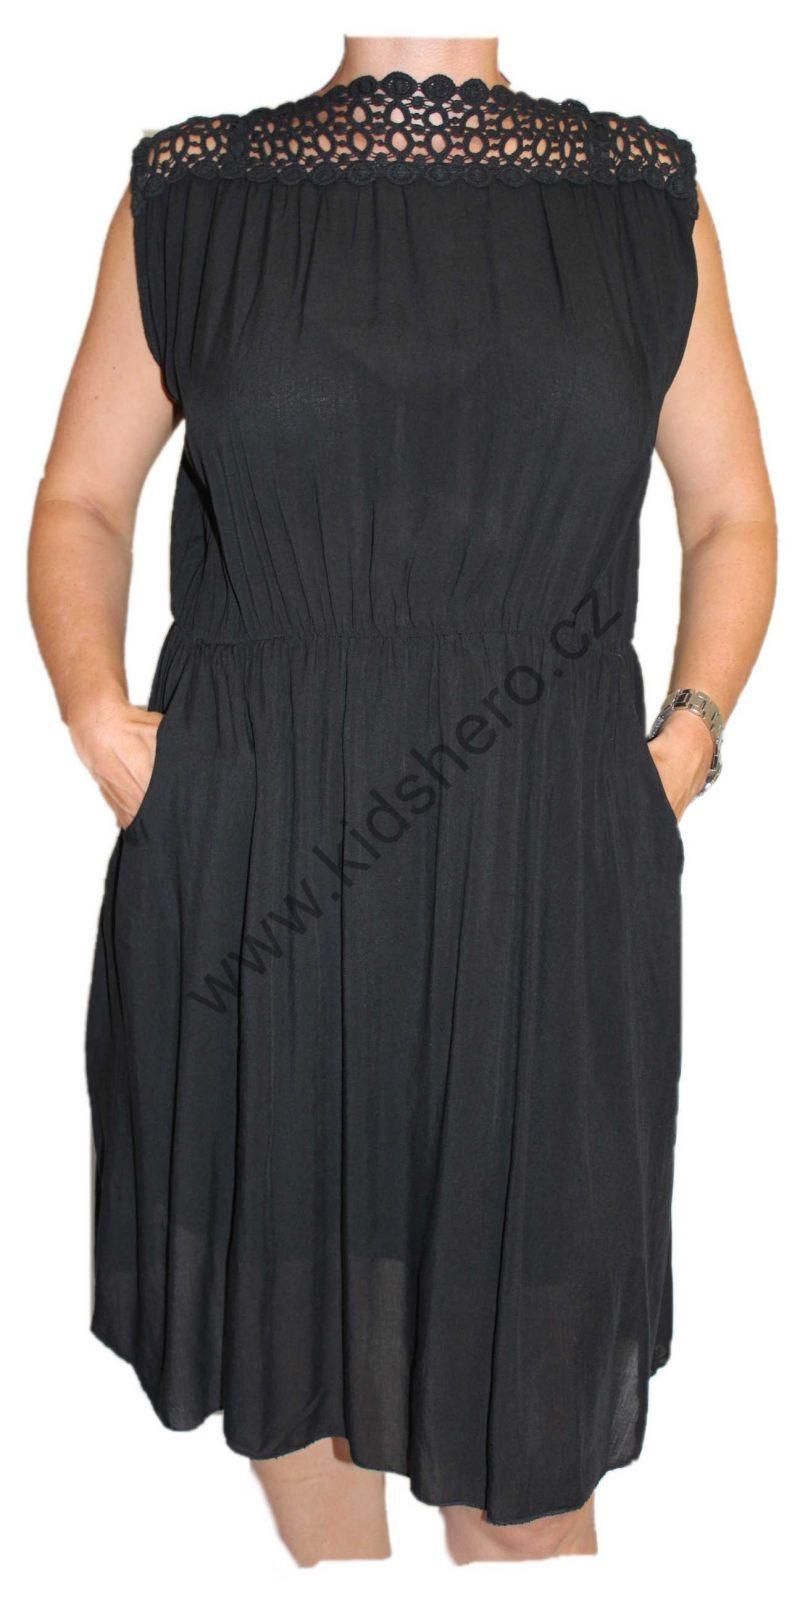 Dámské šaty s s krajkou letní dámské šaty